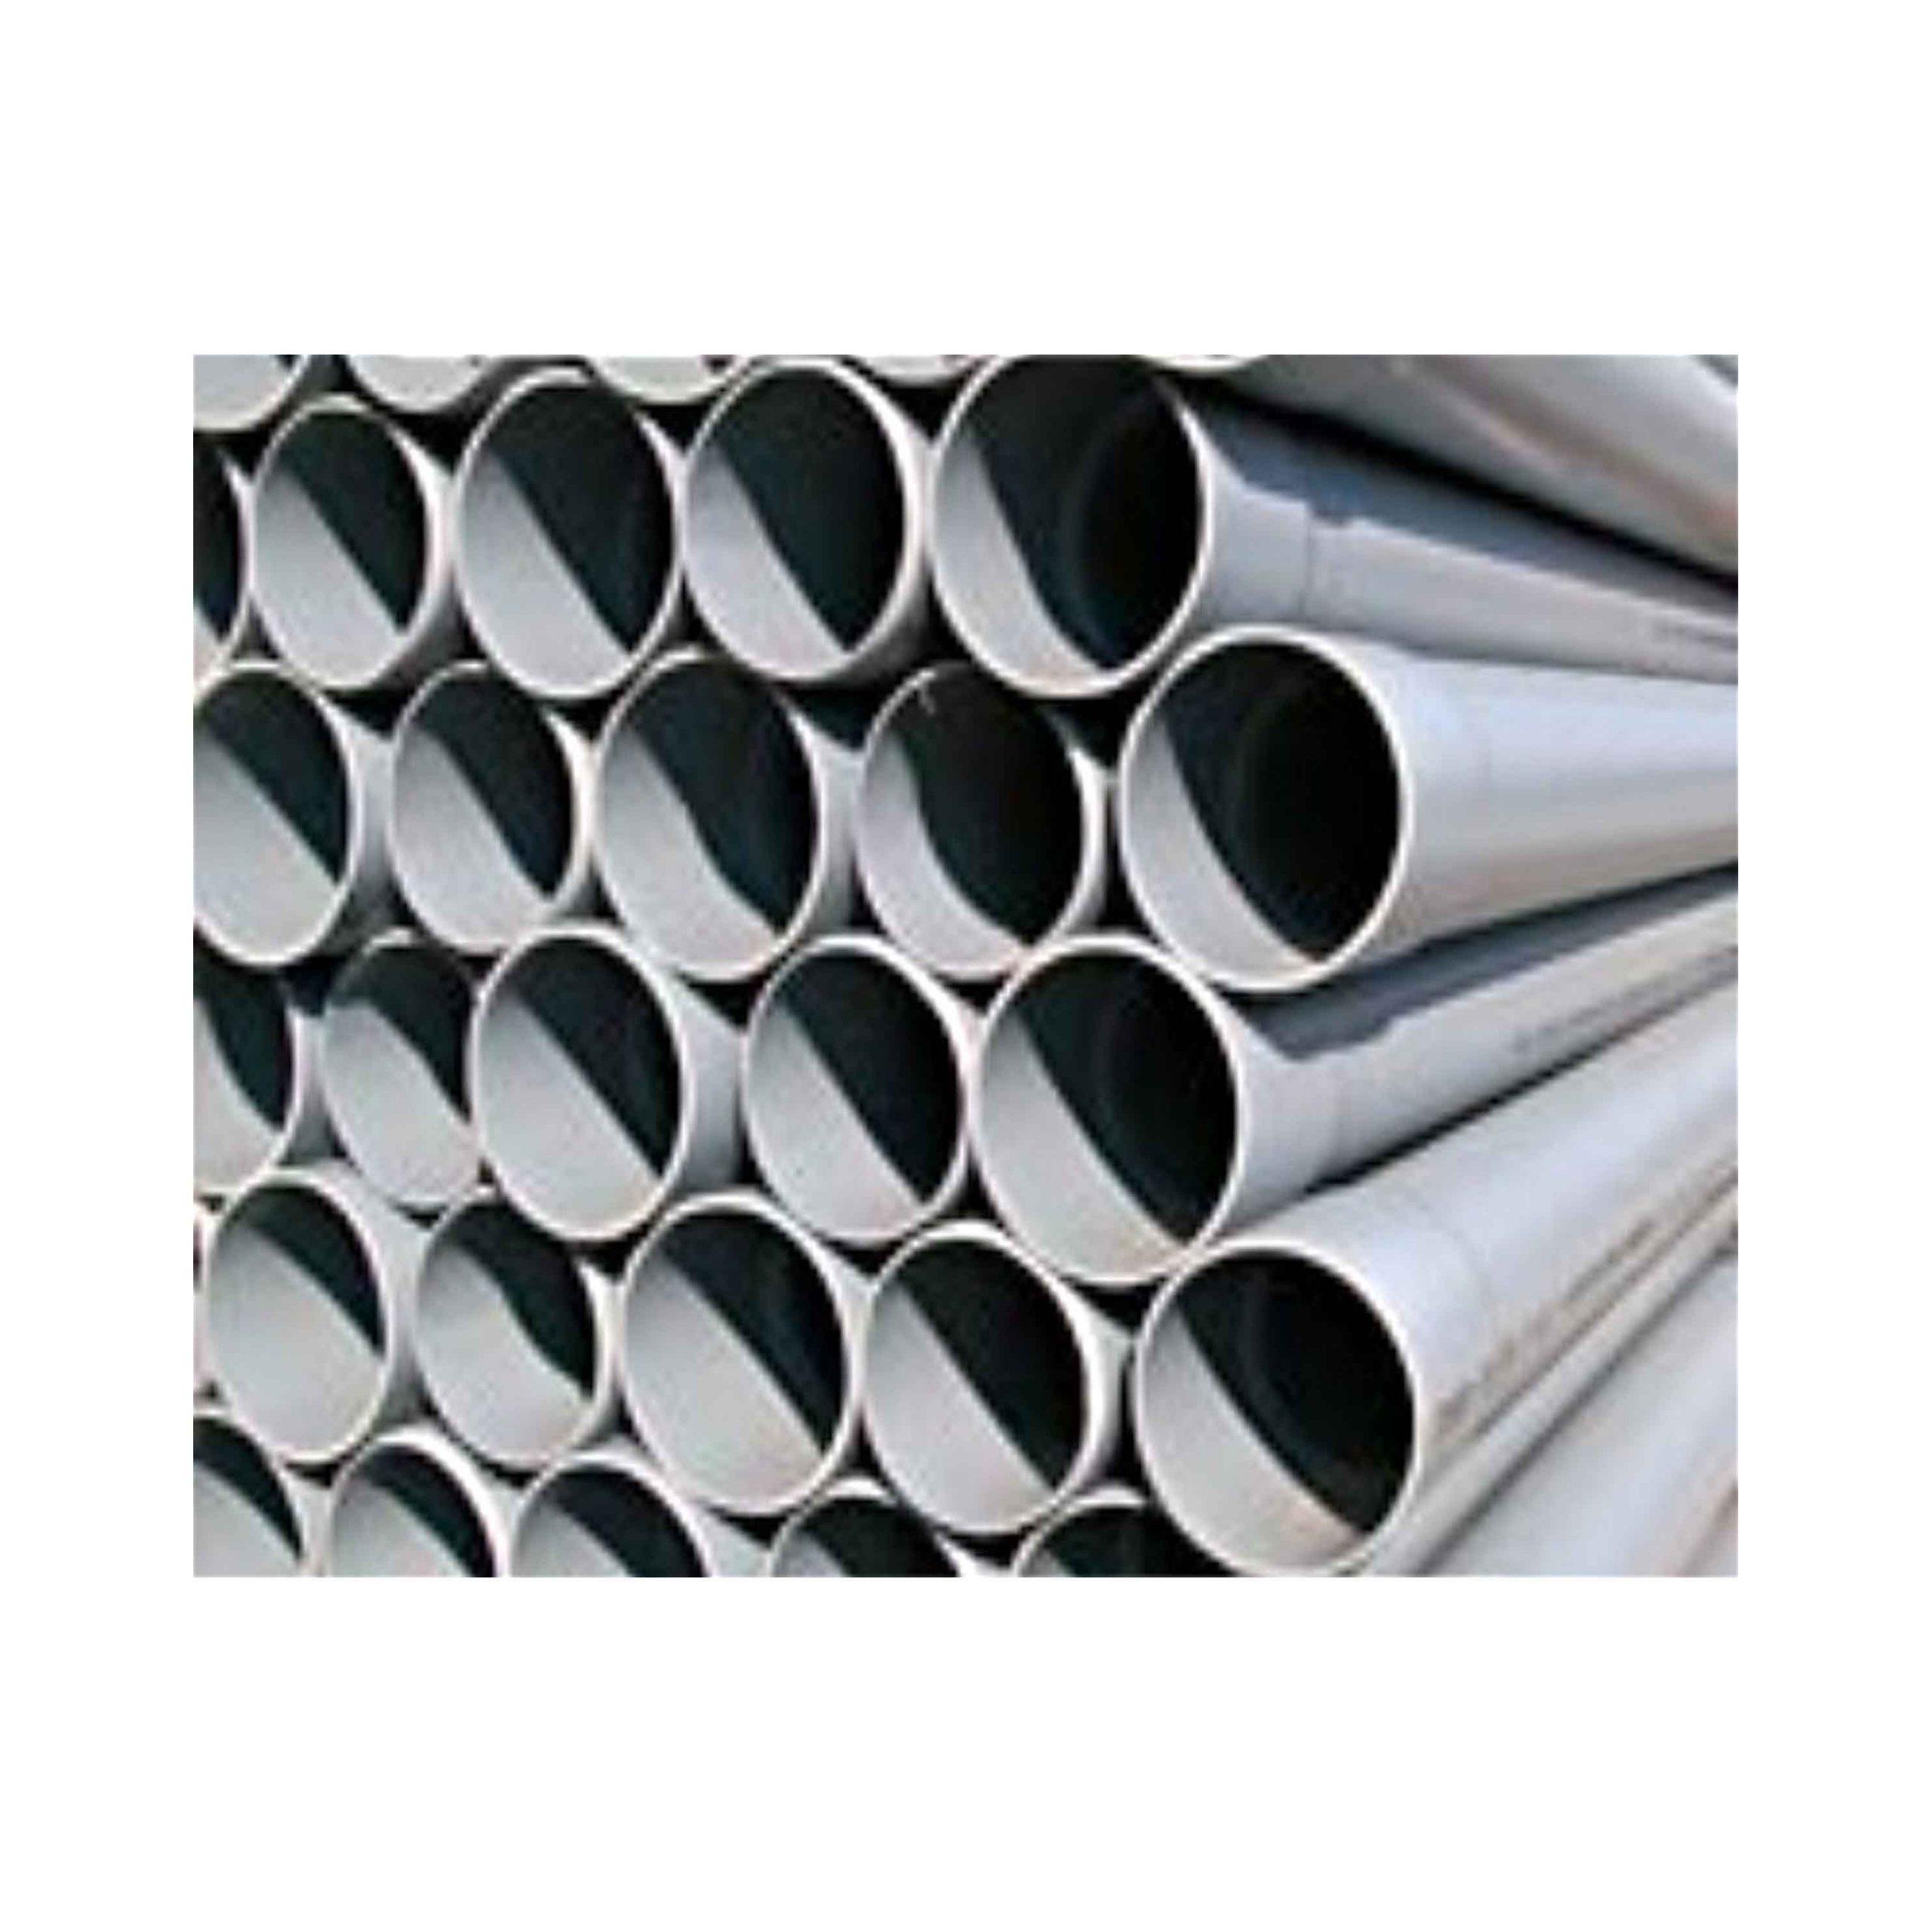 TUBE_PVC_GRIS_EVACUATION_BATIMENT_REF_5800_SEMI_RIGIDE_BSB_CAOUTCHOUCS_PLASTIQUES